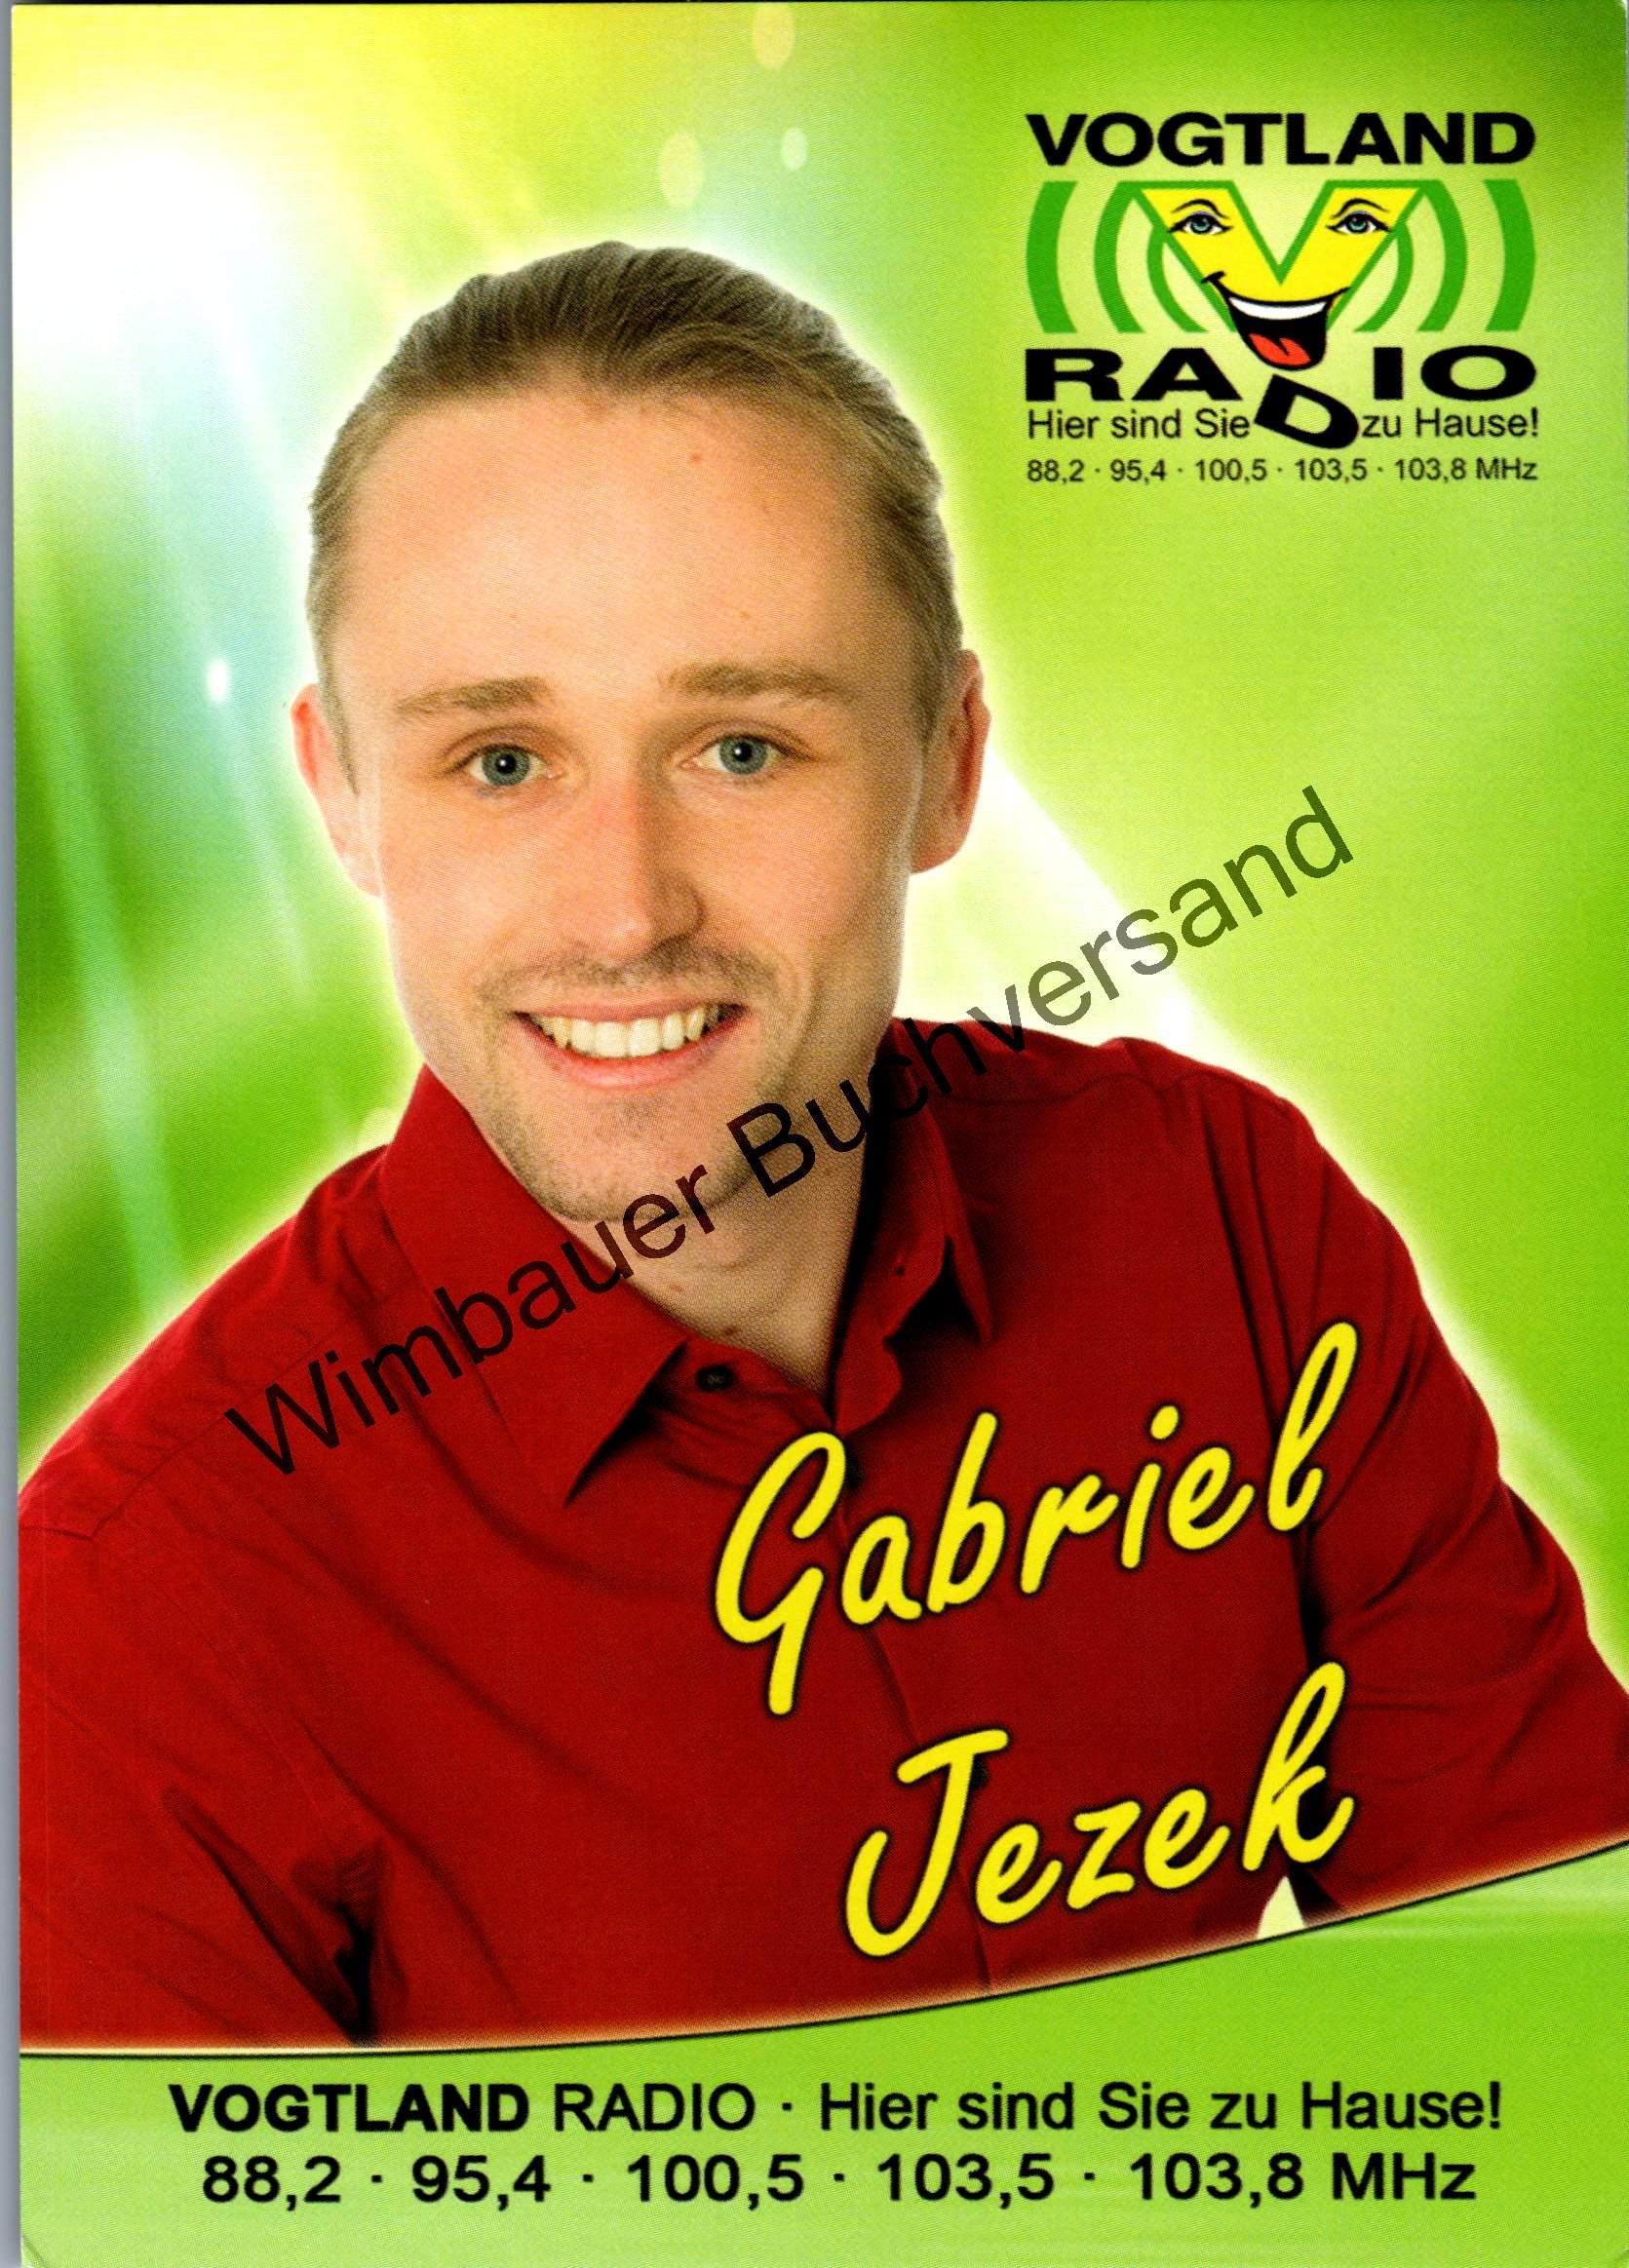 Autogrammkarte Gabriel Jezek Vogtland Radio